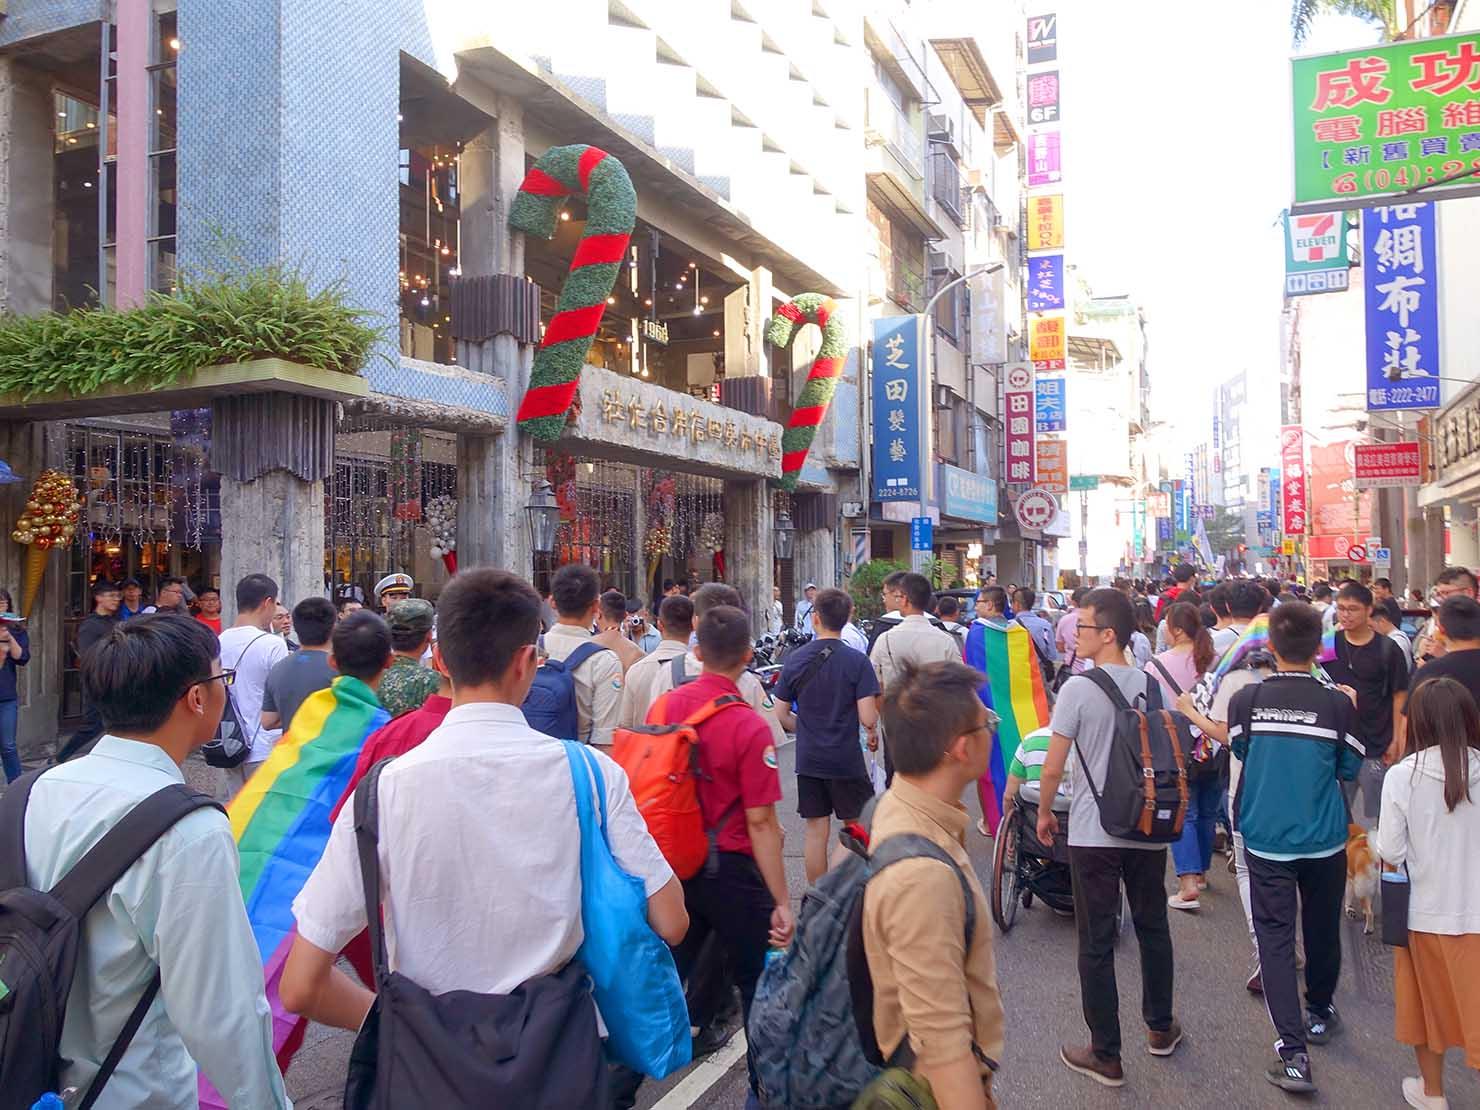 台中同志遊行(台中LGBTプライド)2019でゴール間近のパレード隊列